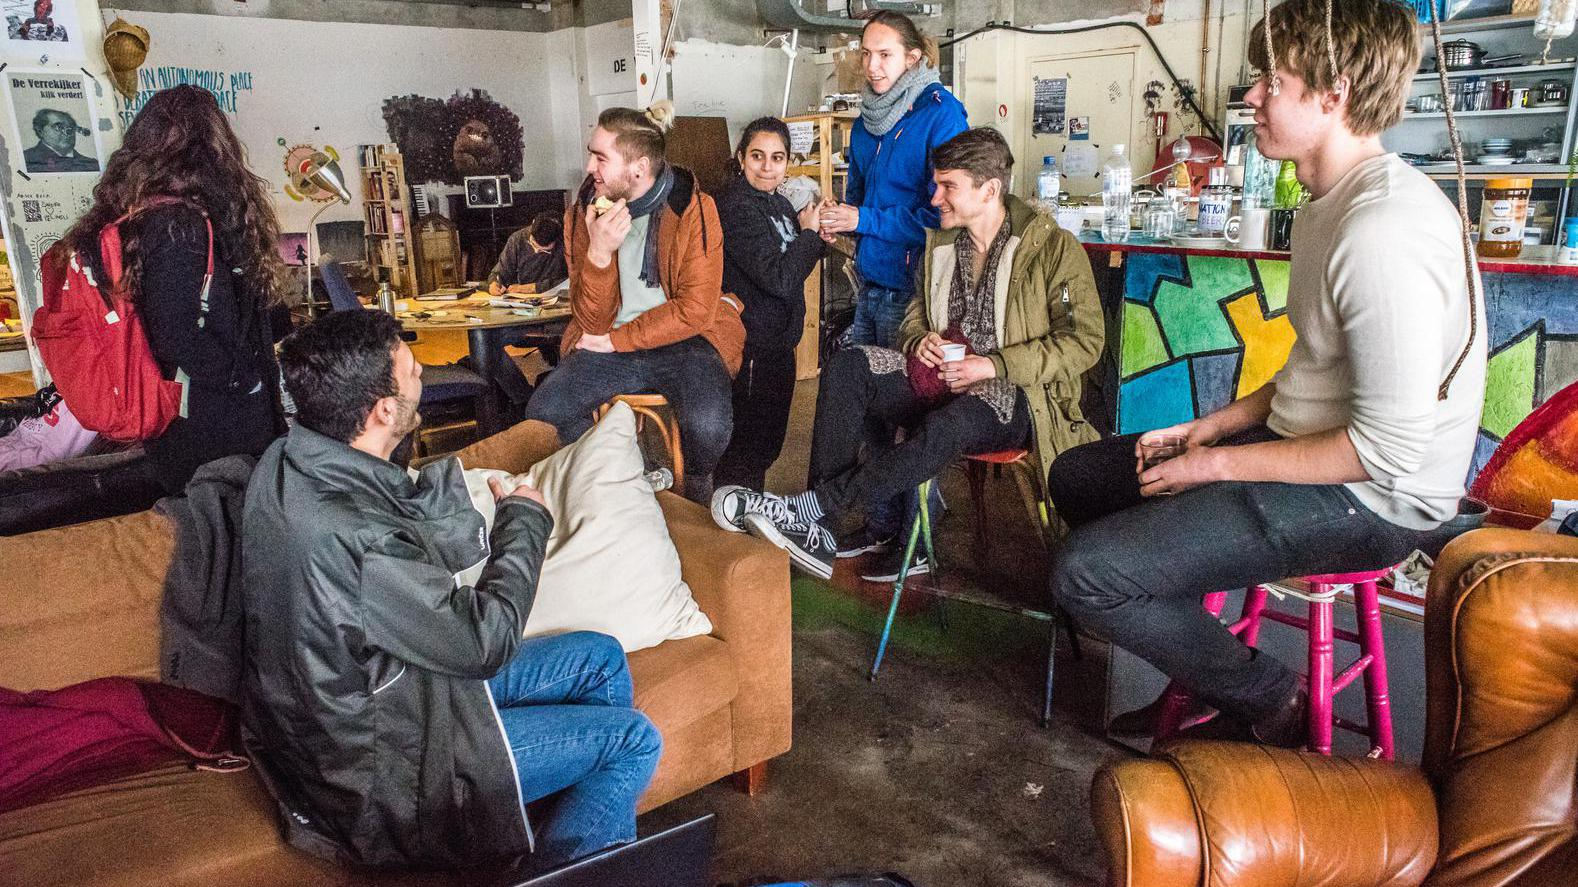 Studenten achter De Verrekijker: 'We zijn geen recalcitrante pubers'